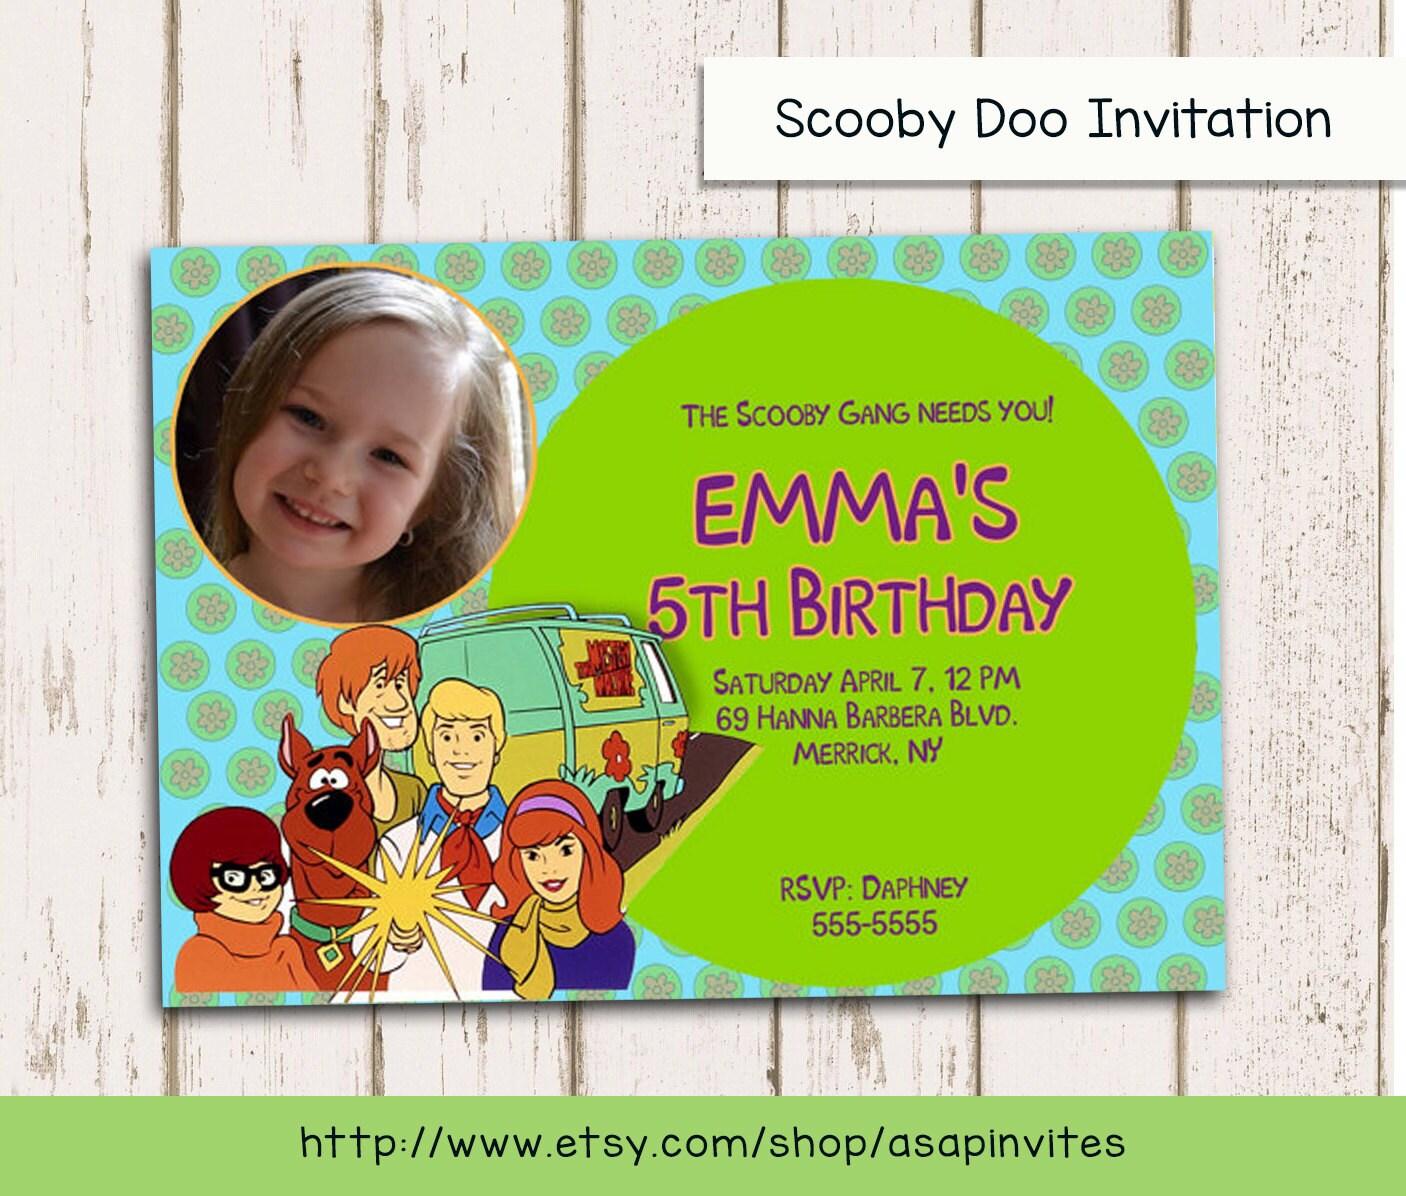 Scooby Doo Invitation Scooby Birthday Invitation Birthday